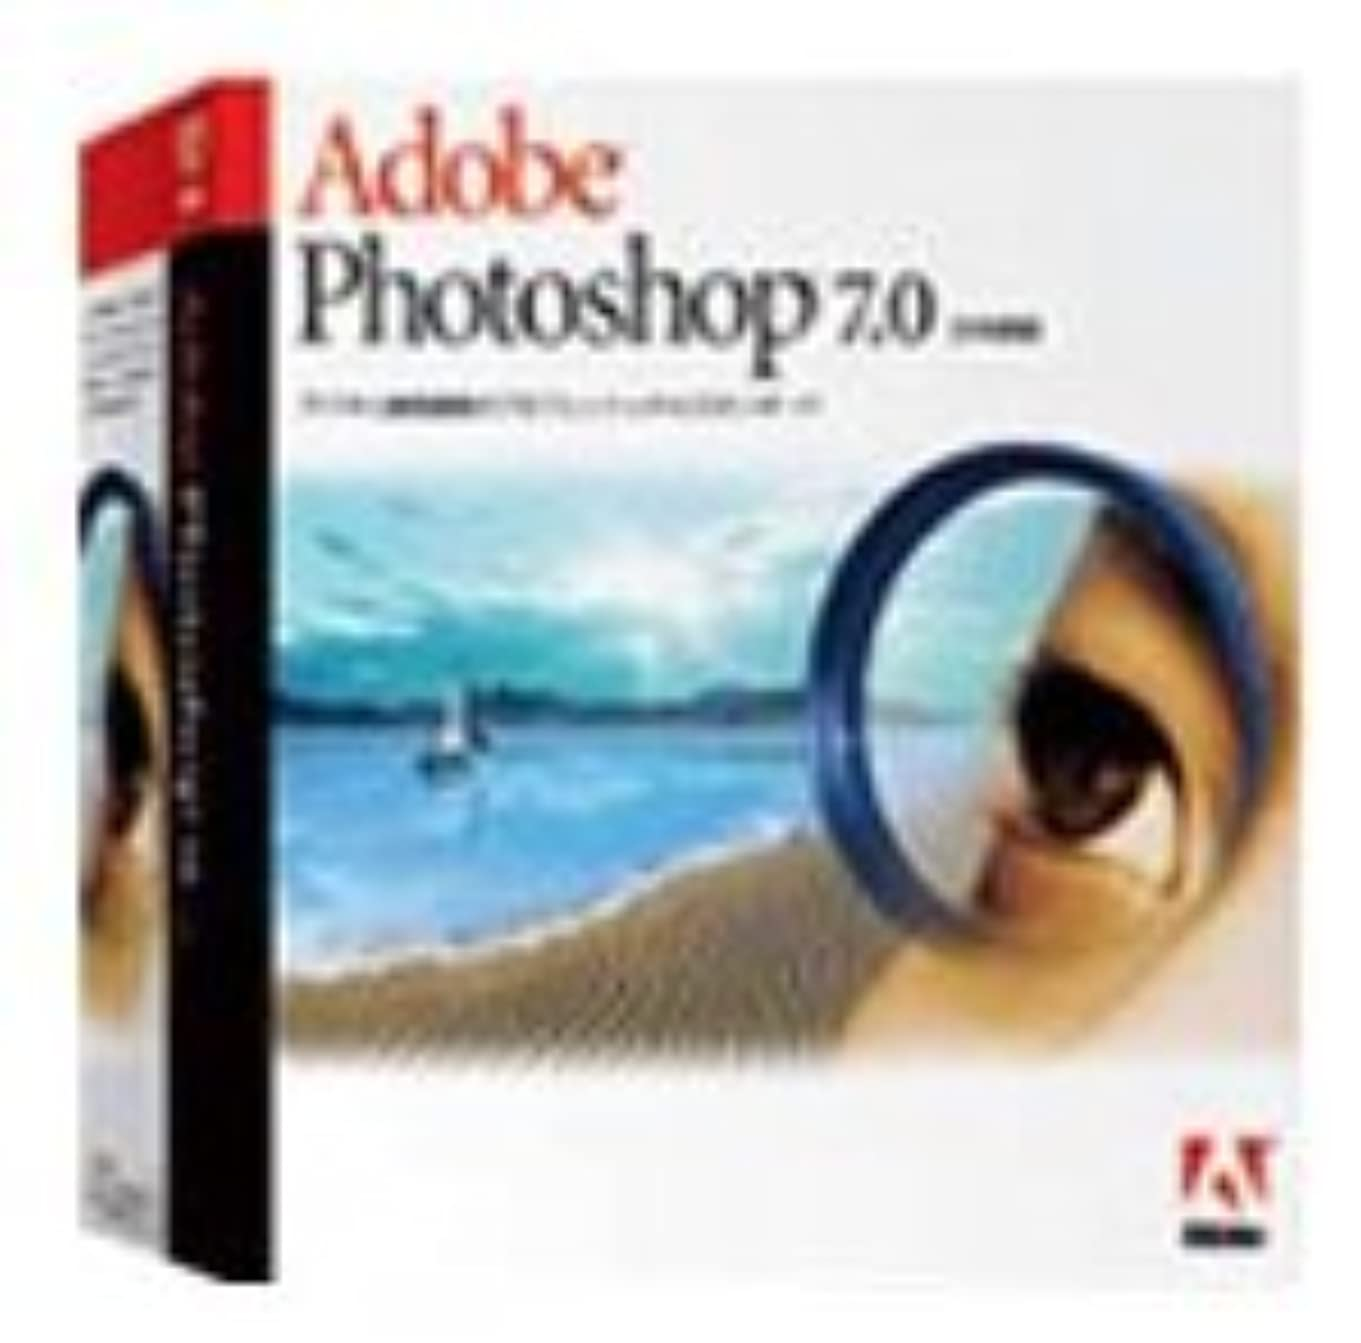 誰解読する合併症Photoshop 7.0 日本語版 Mac版 アカデミック